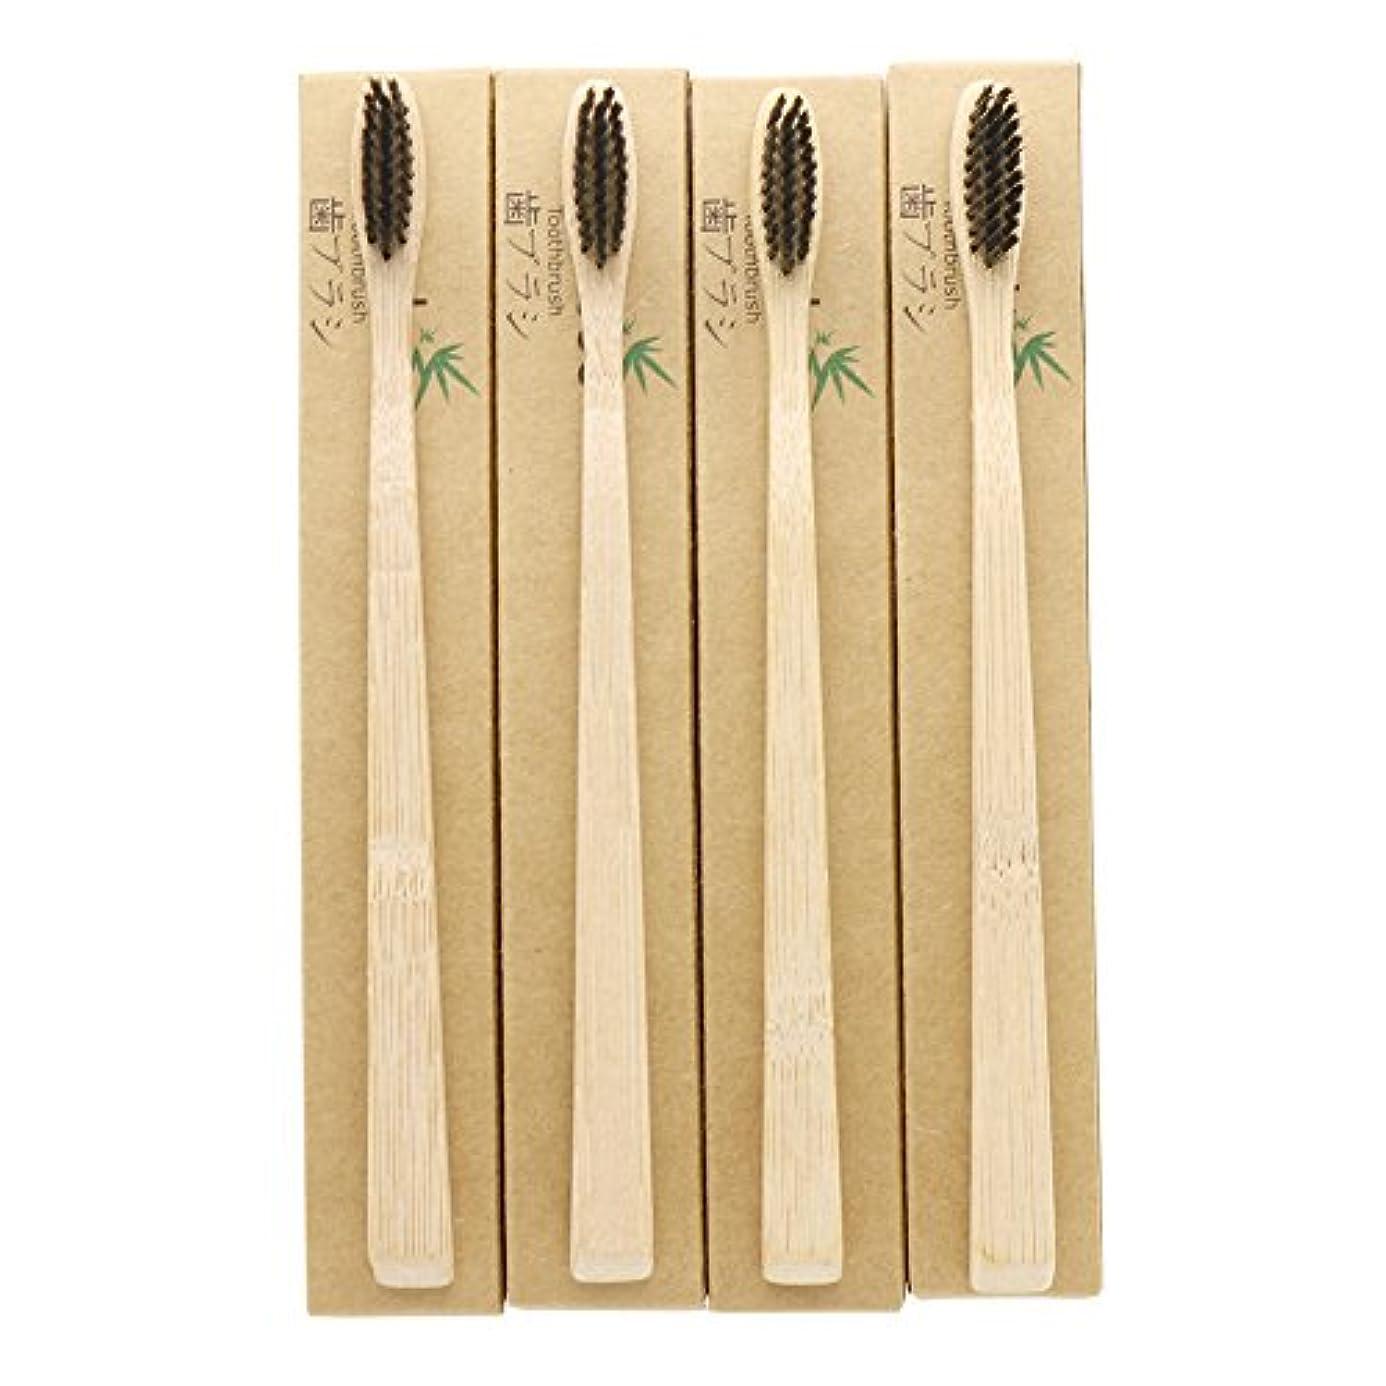 アナログじゃがいも作詞家N-amboo 竹製耐久度高い 歯ブラシ 黒い ハンドル小さい 4本入りセット